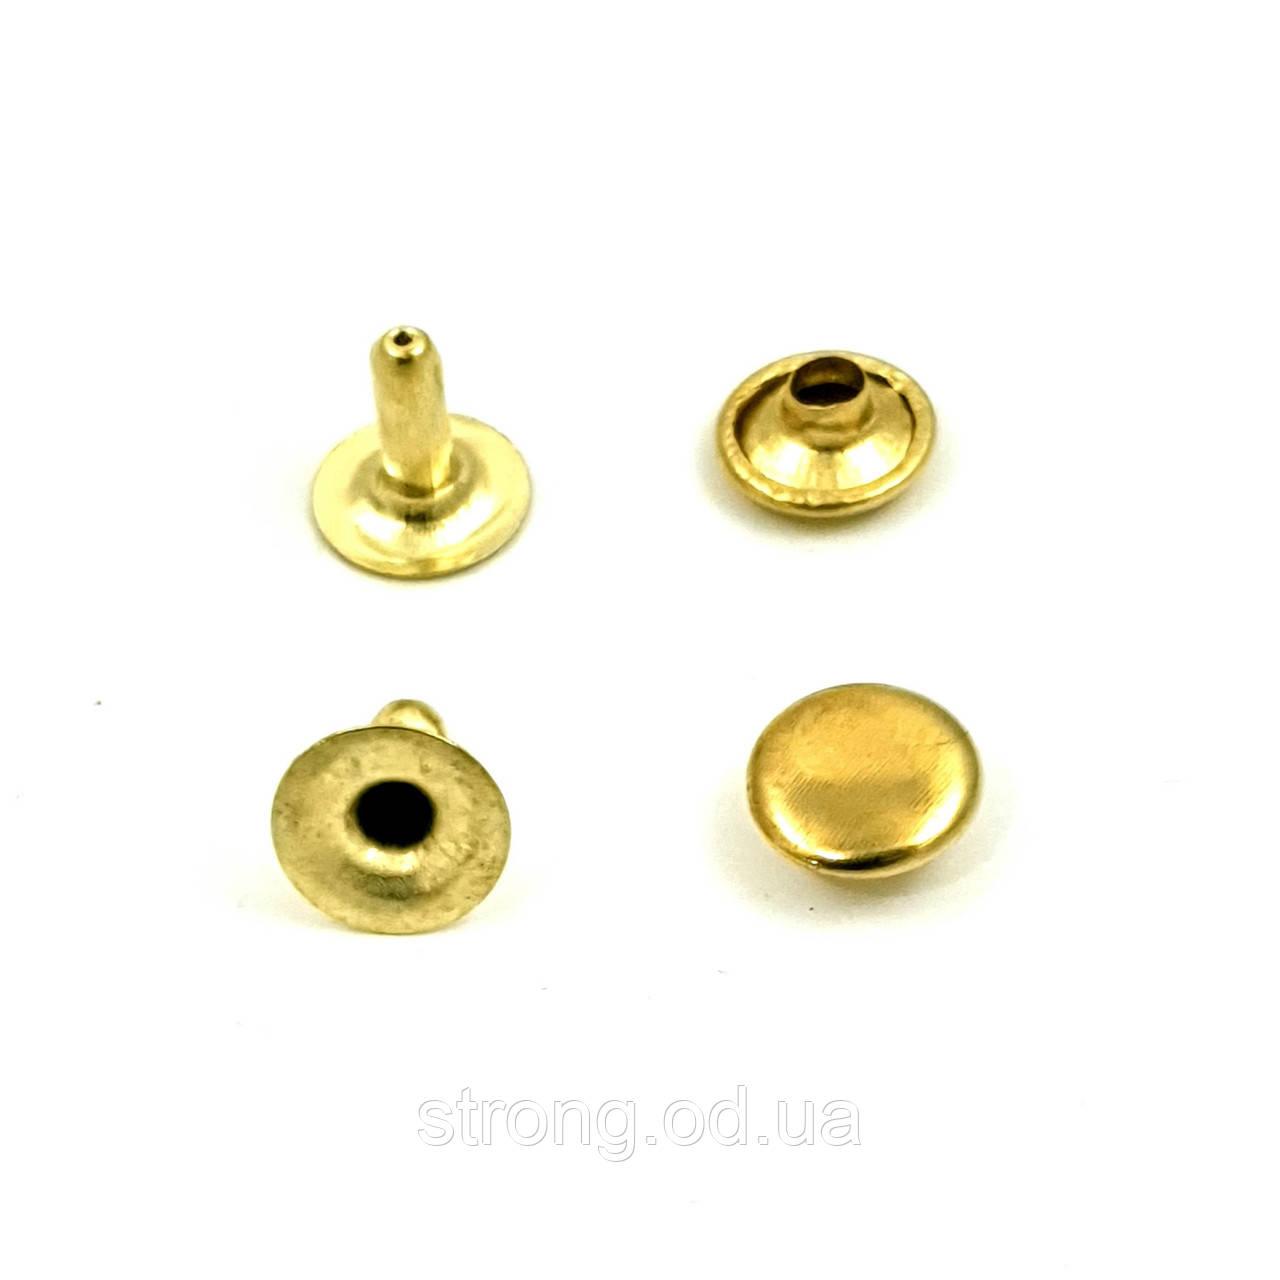 Холитен 12х12 Золото (100шт.)